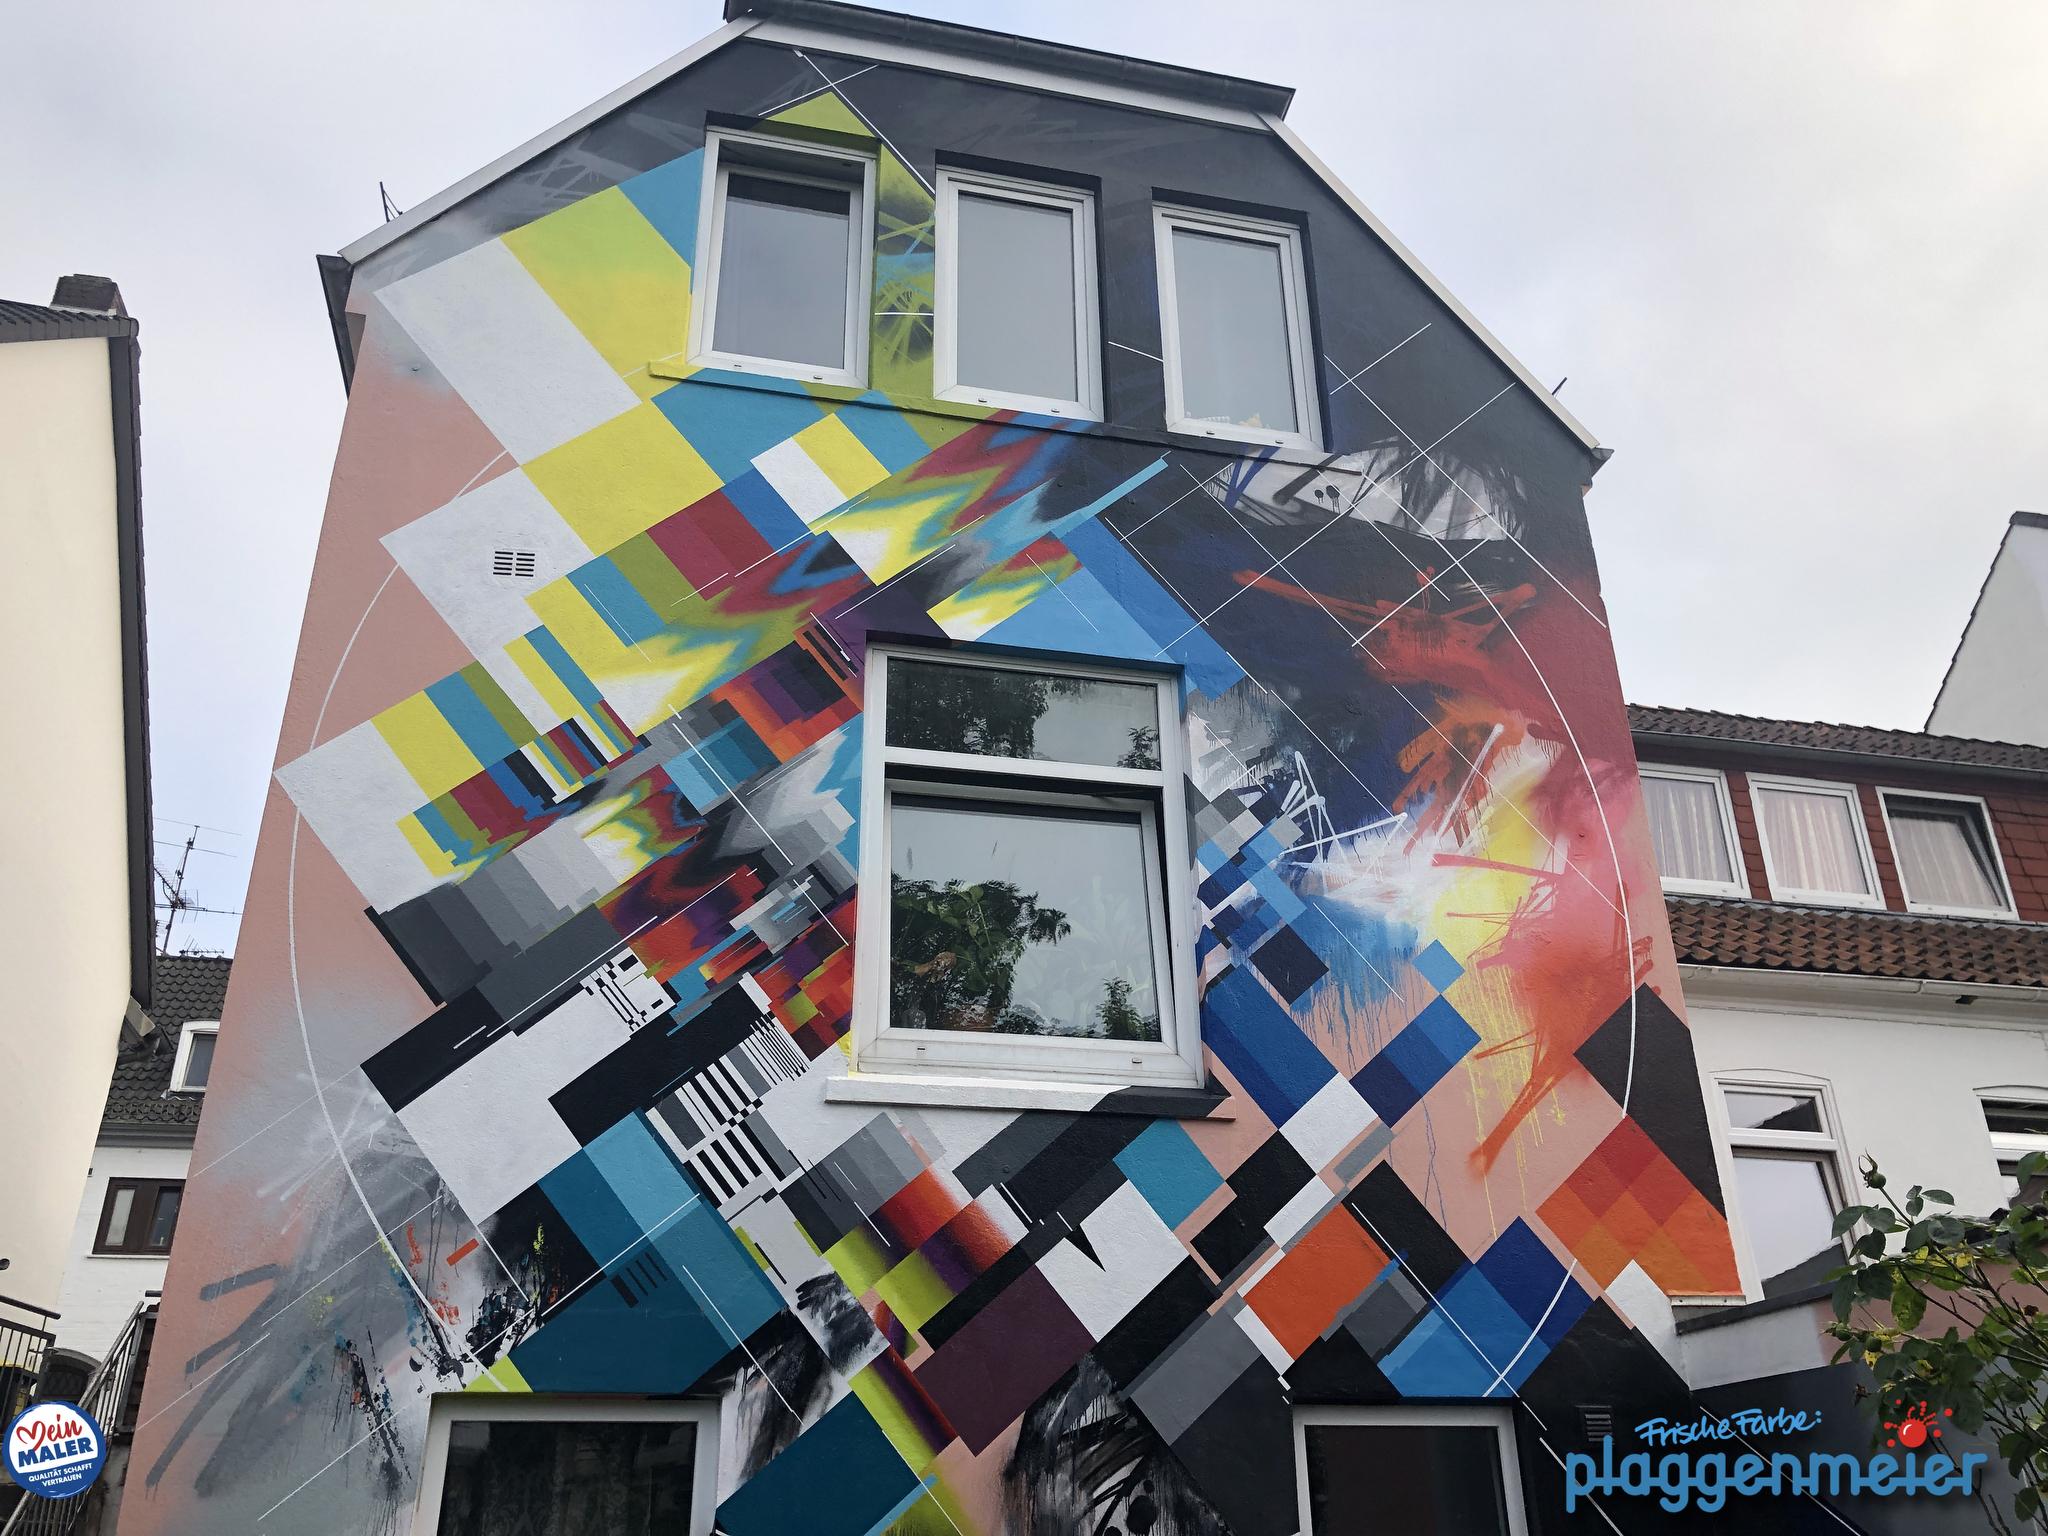 Fassadenanstrich durchsichtig, um die Kunst zu konservieren - in Bremen von Fassadenprofis Plaggenmeier